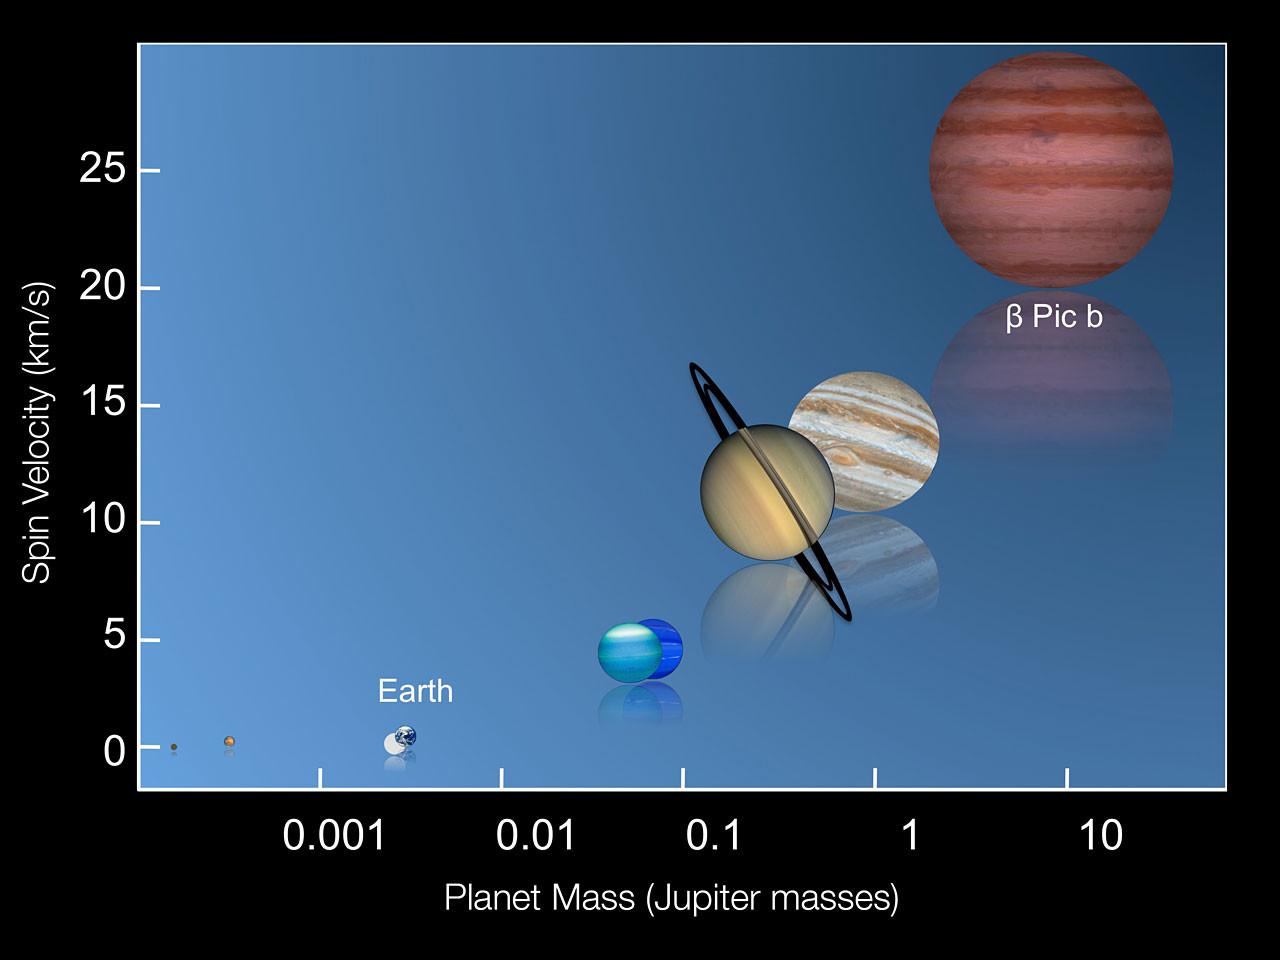 Graphique opposant la vitesse et la masse de Beta Pictoris b en comparaison avec d'autres planètes du système solaire